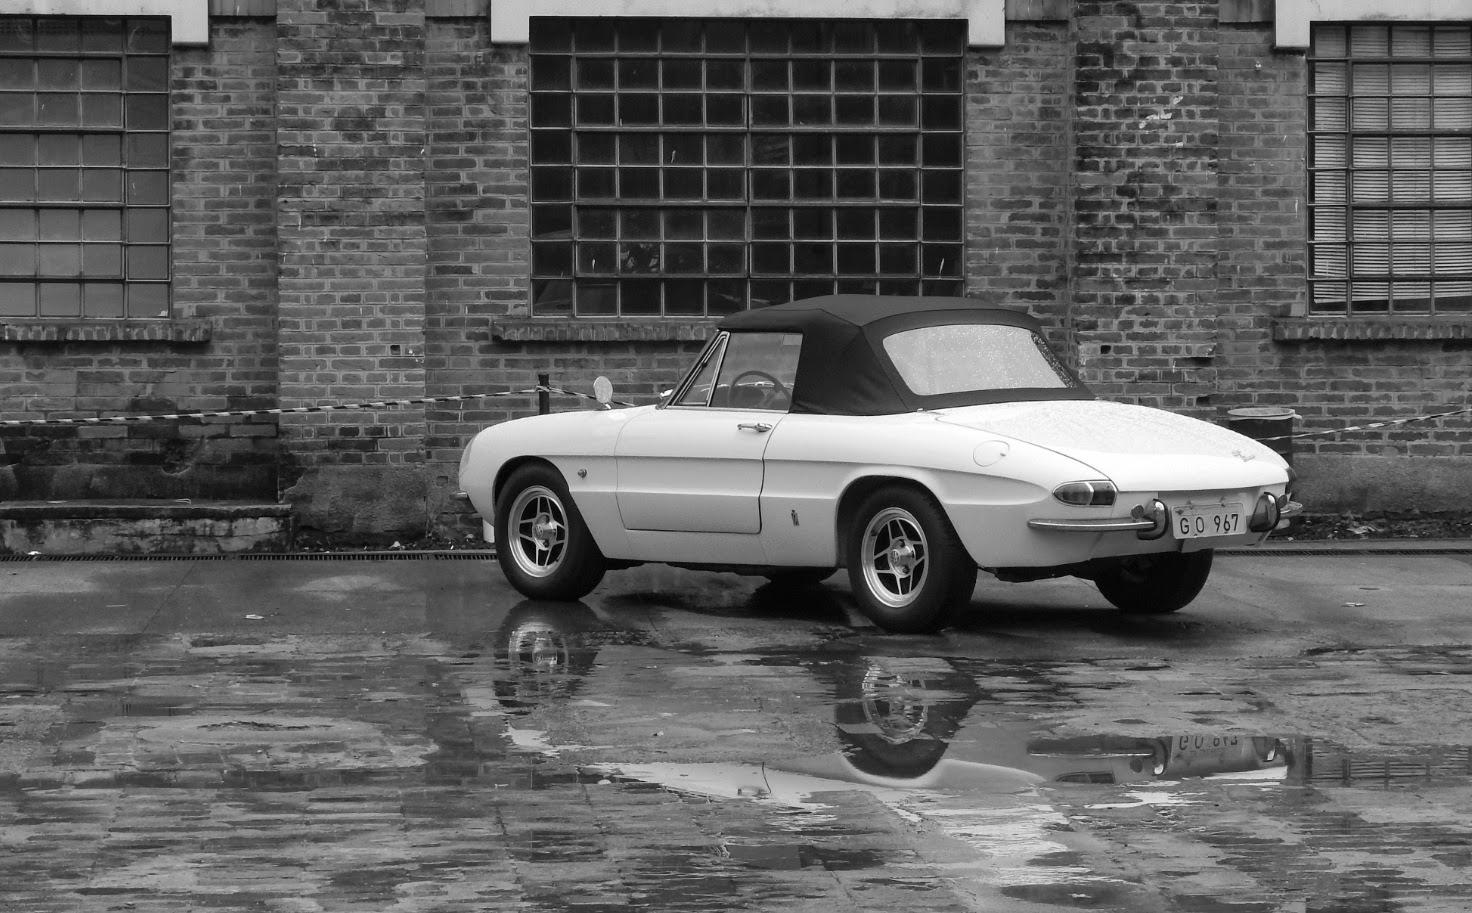 Esta Alfa Romeo Spider Duetto 1967 é tão linda que mereceu uma foto em preto e branco, logo depois da chuva que caiu em Piracicaba.